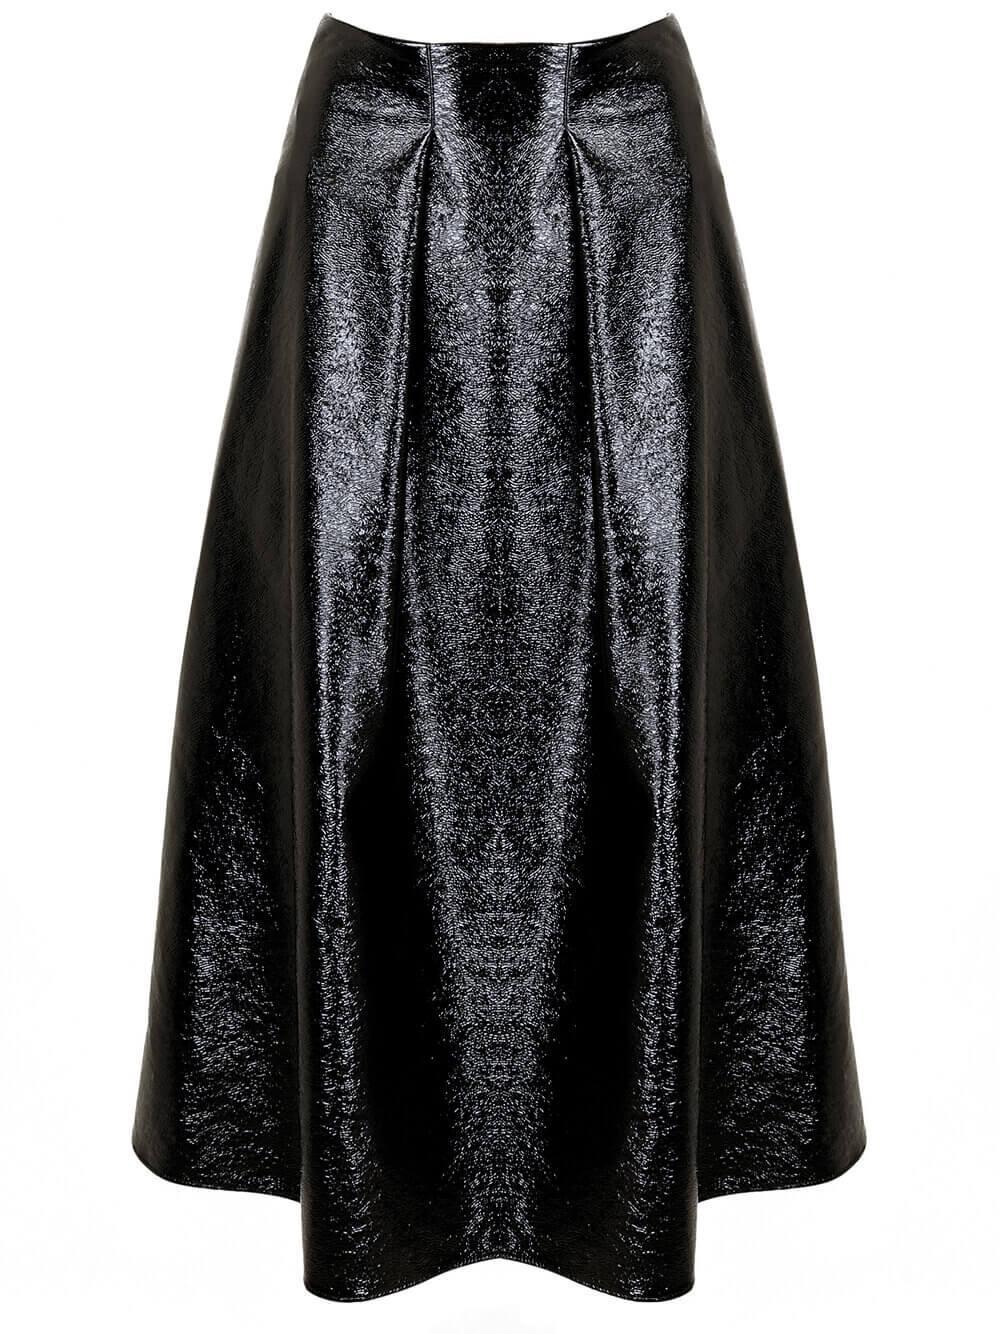 Alexis Patent Skirt Item # 20FSK22